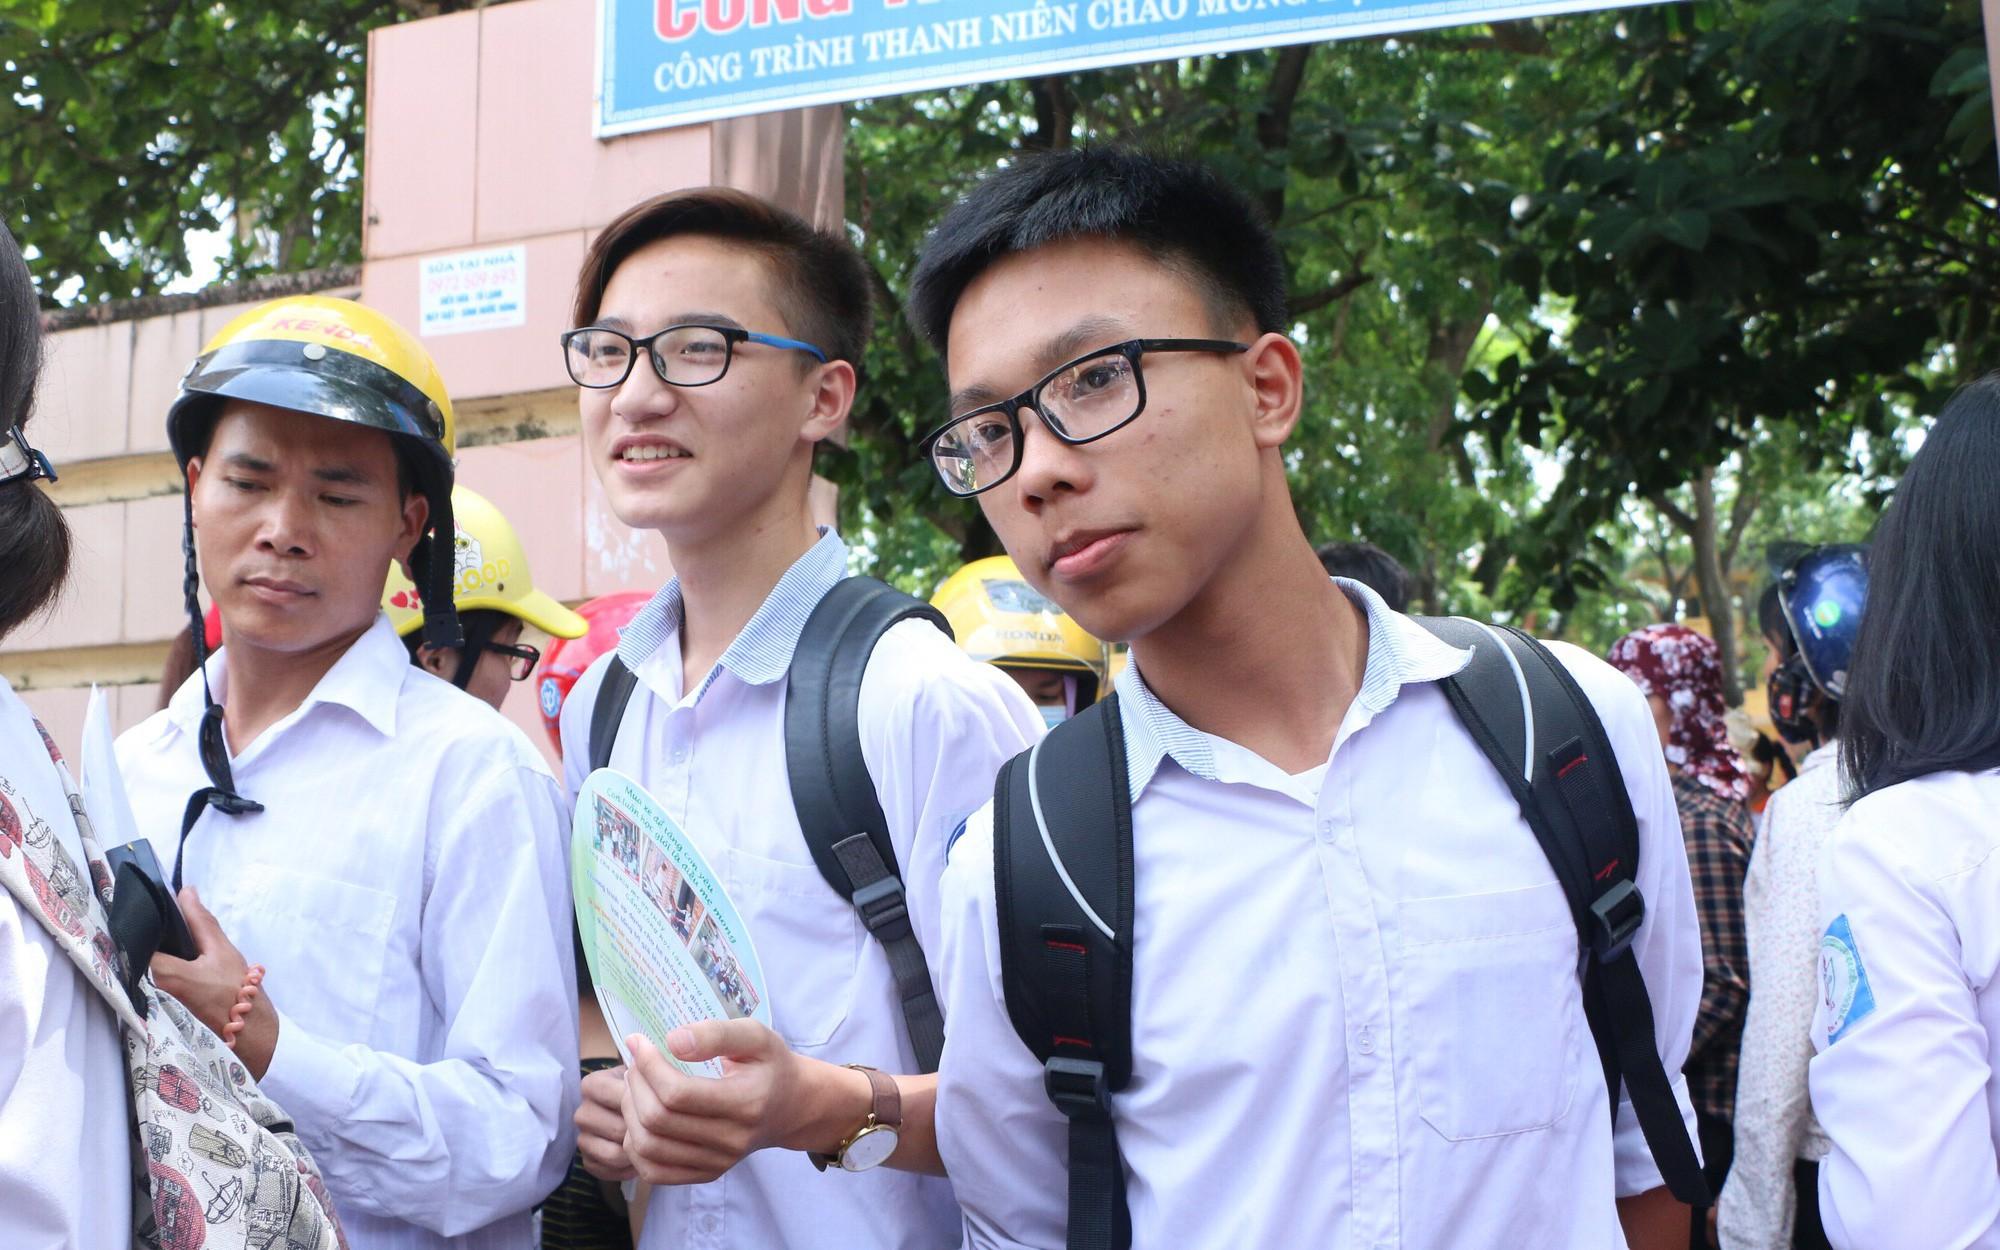 Đáp án đề thi vào lớp 10 tổ hợp môn Tiếng Anh, Lịch sử và Hóa học tỉnh Nghệ An năm 2019